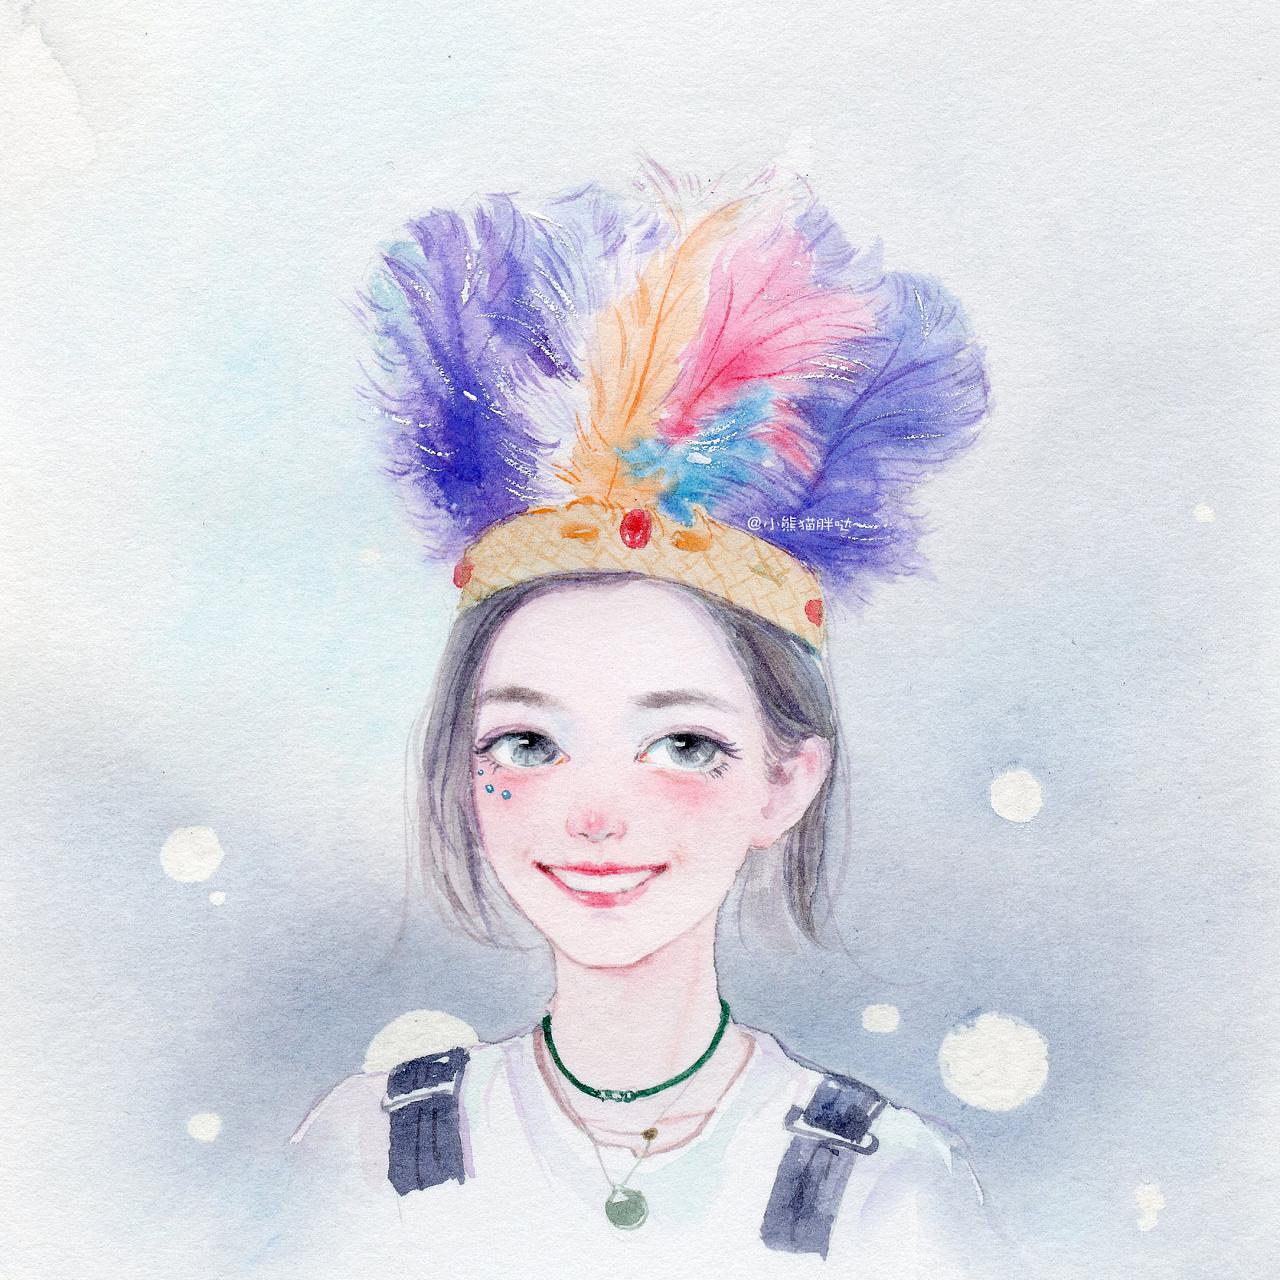 熊猫】花儿与少年水彩插画手绘人物水彩插画教程人物卡通头像手绘水彩